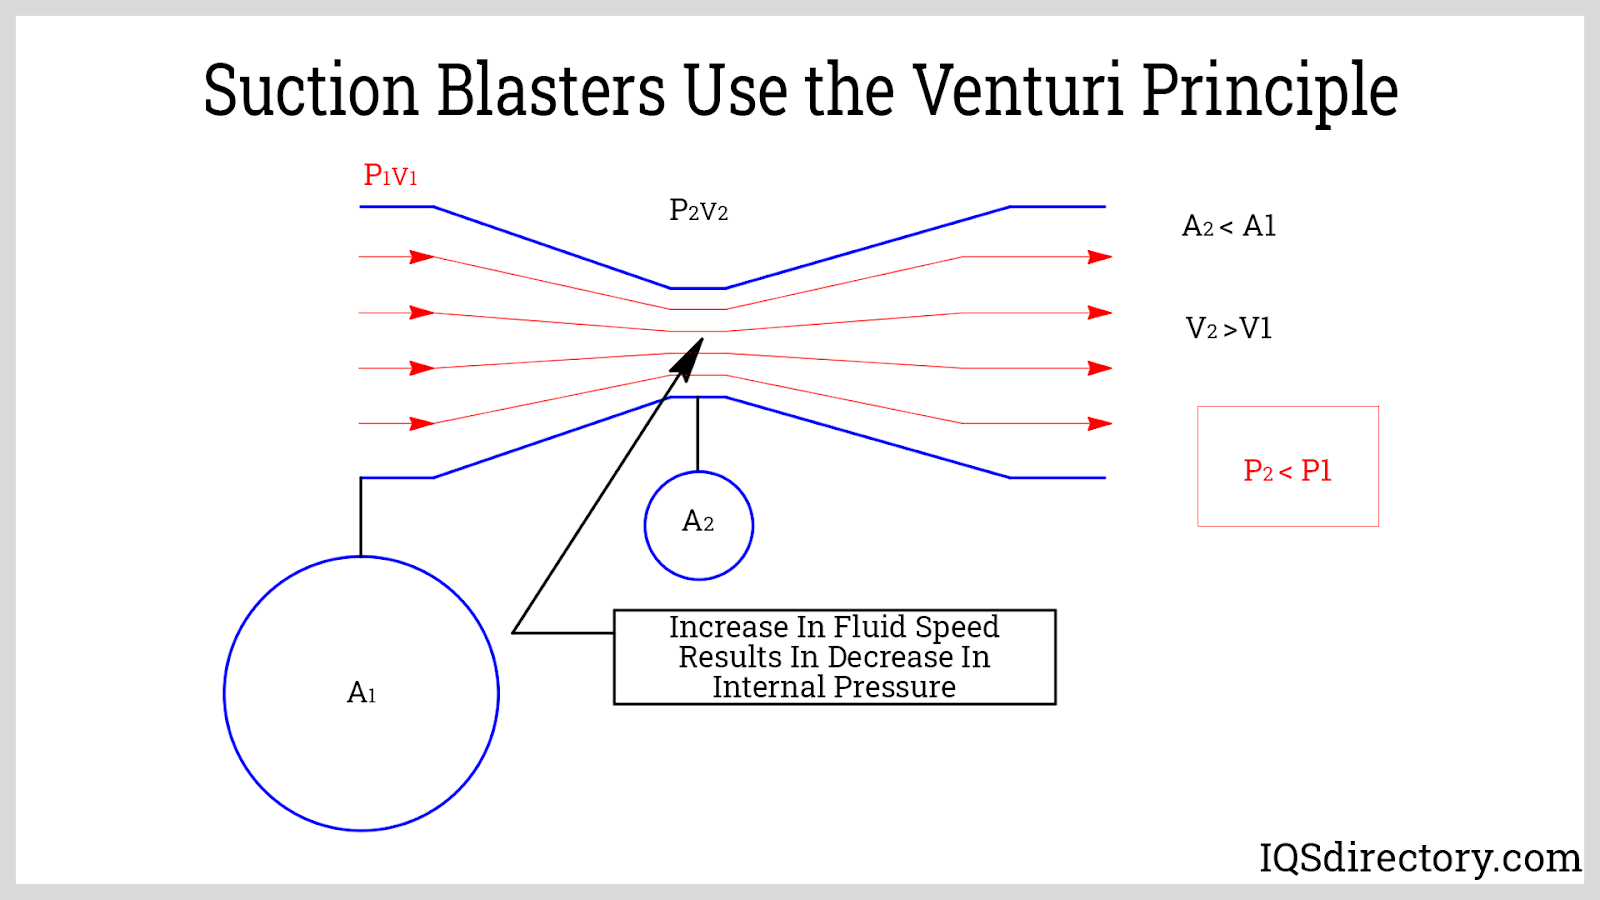 Suction Blasters Use the Venturi Principle